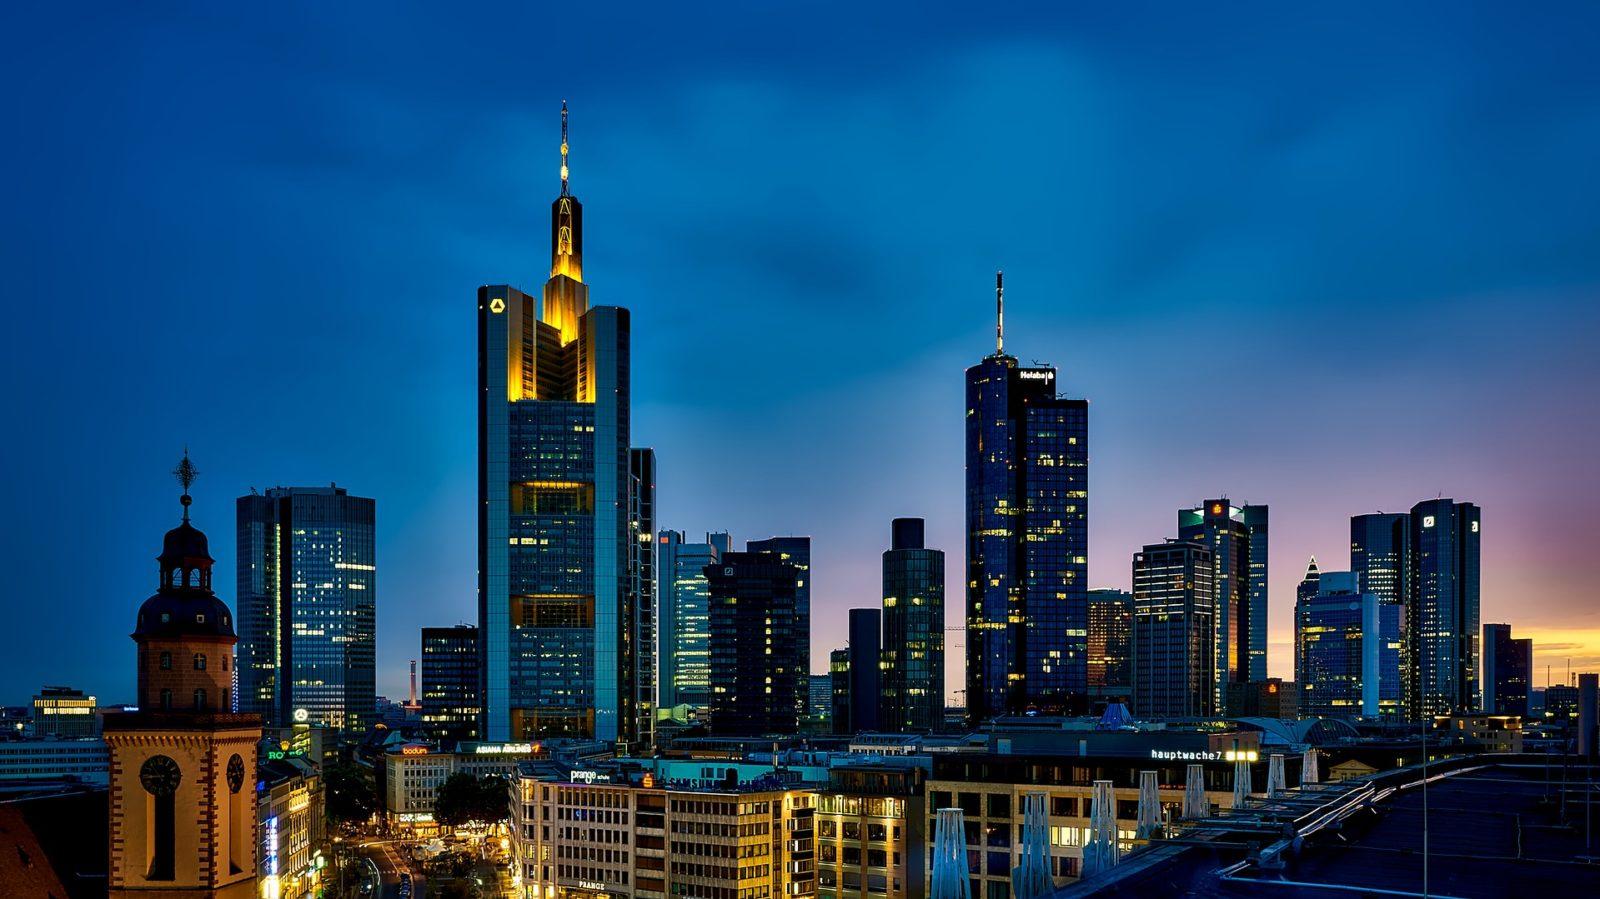 Skyline Shuttle - Flughafentransfer - Shuttleservice Frankfurt am Main